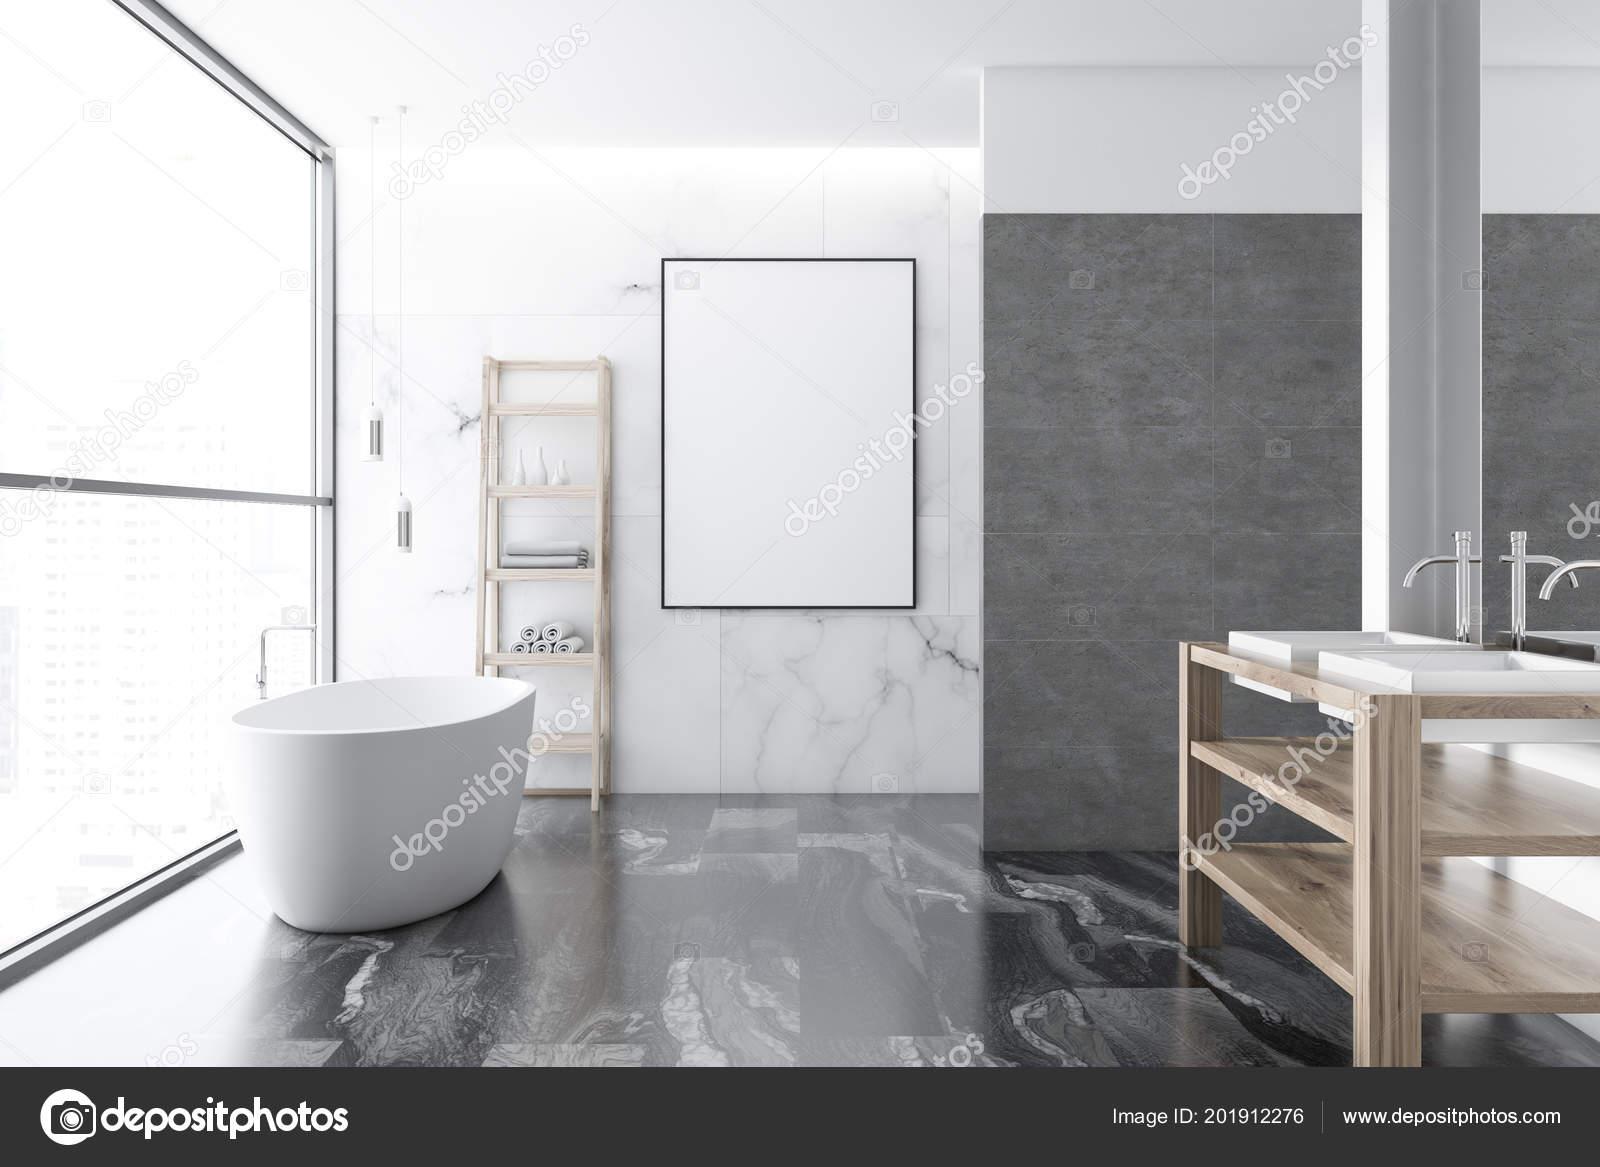 Loft Luxueux Marbre Blanc Salle Bain Intérieur Avec Sol Marbre ...